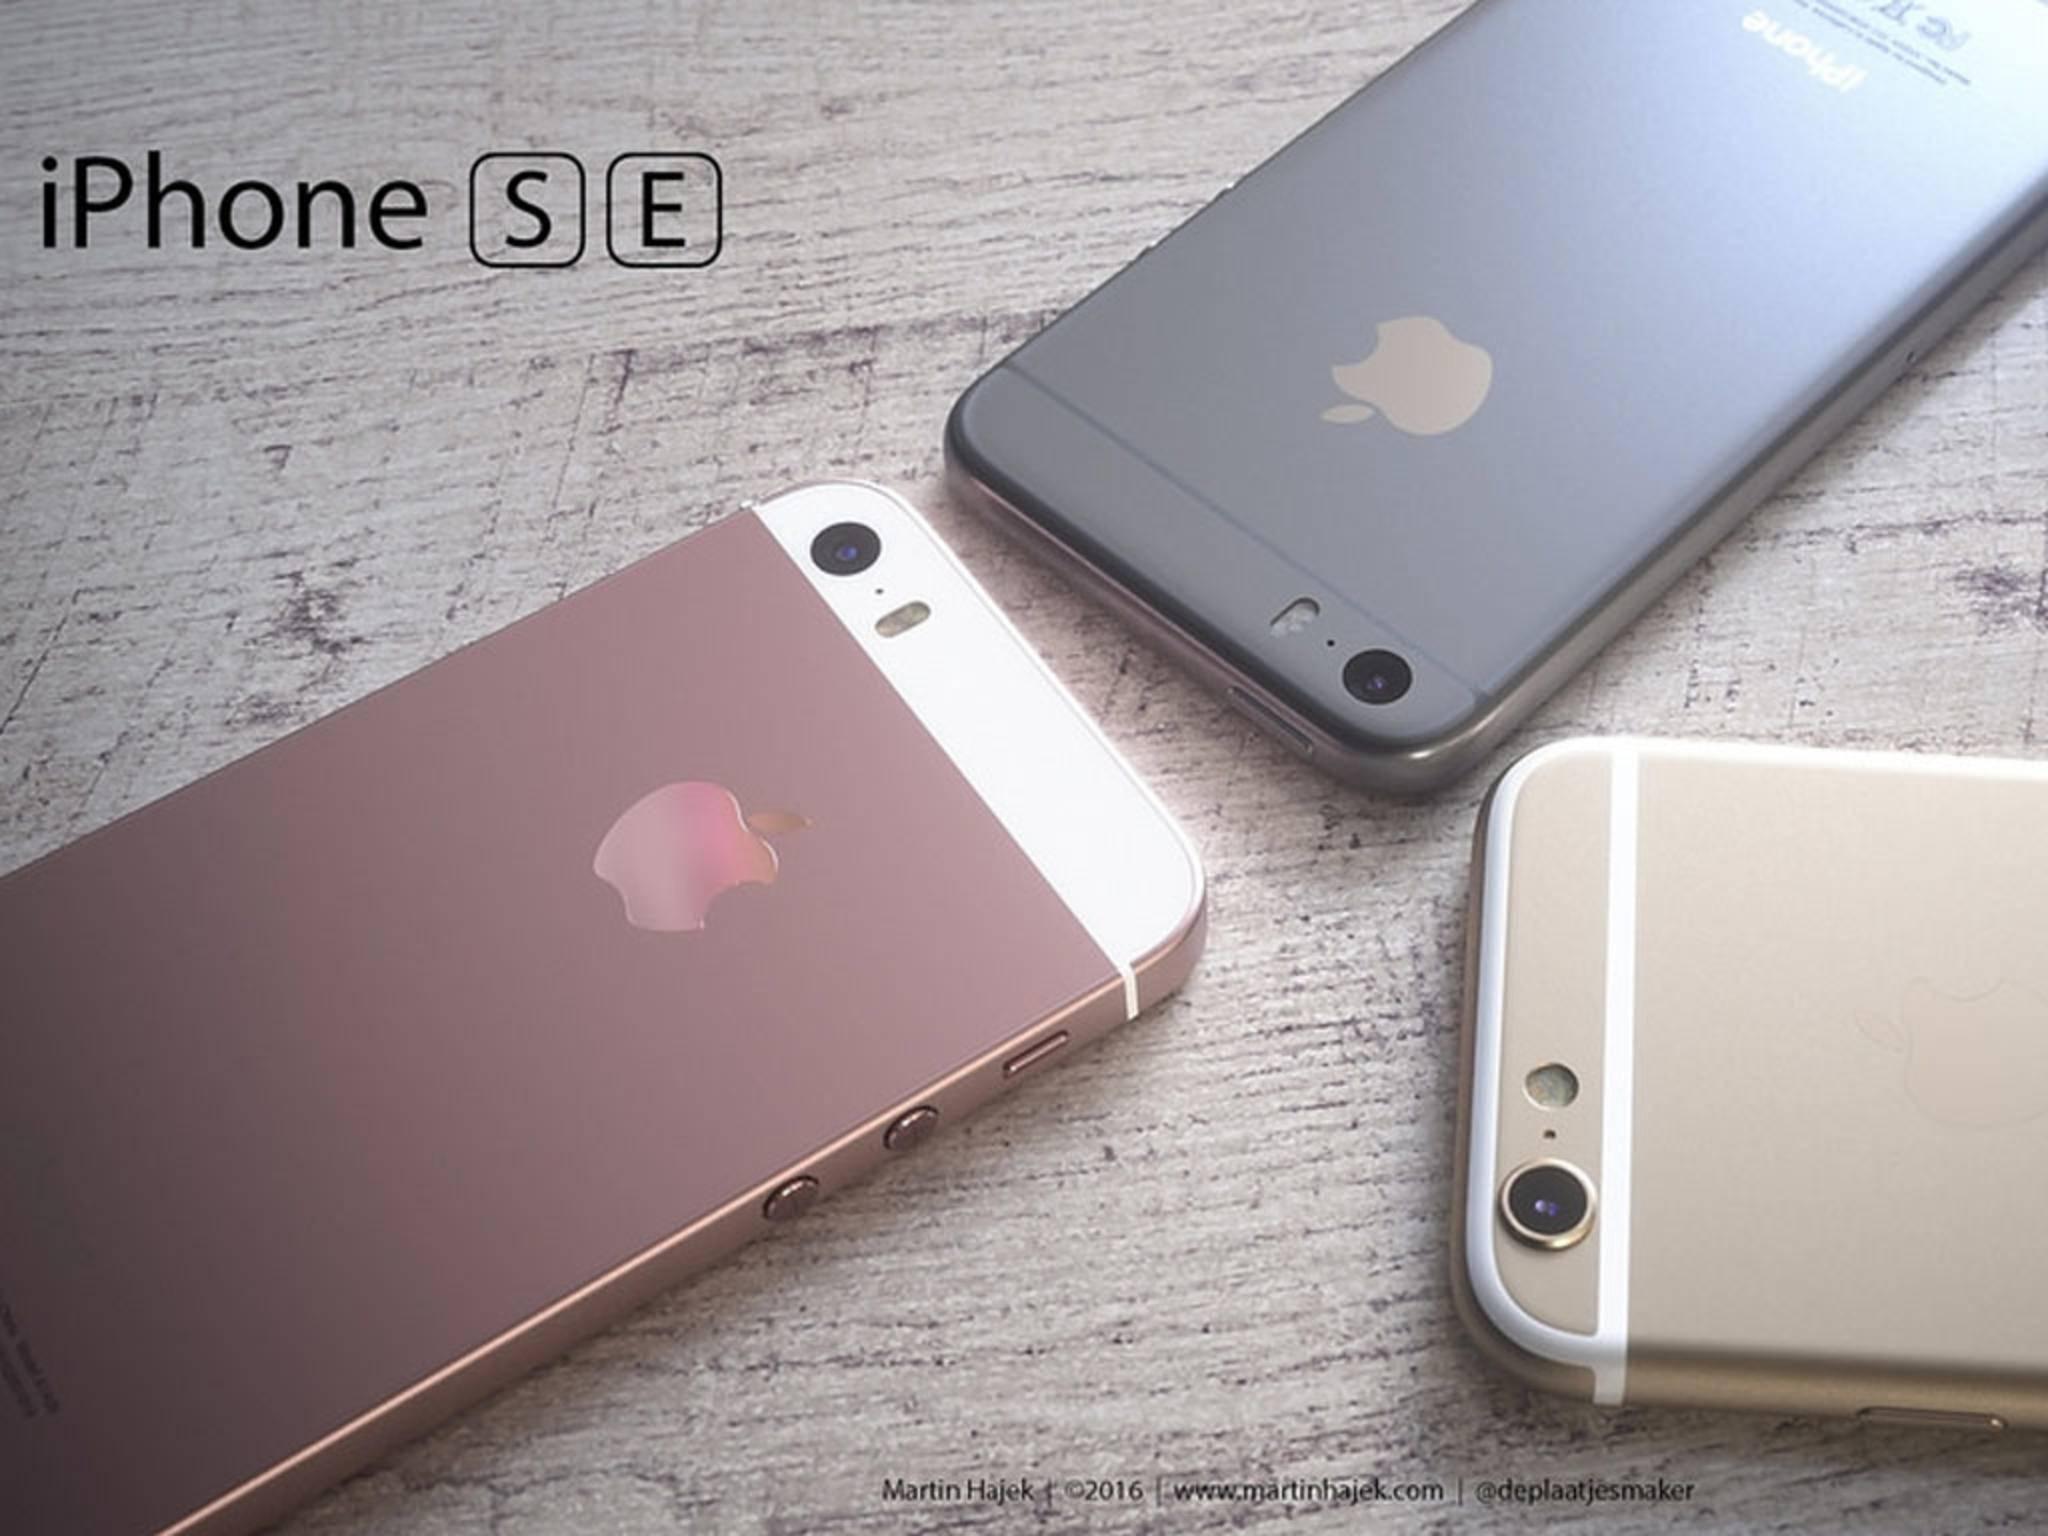 Designer Martin Hajek vergleicht 3 mögliche Designs für das iPhone SE.